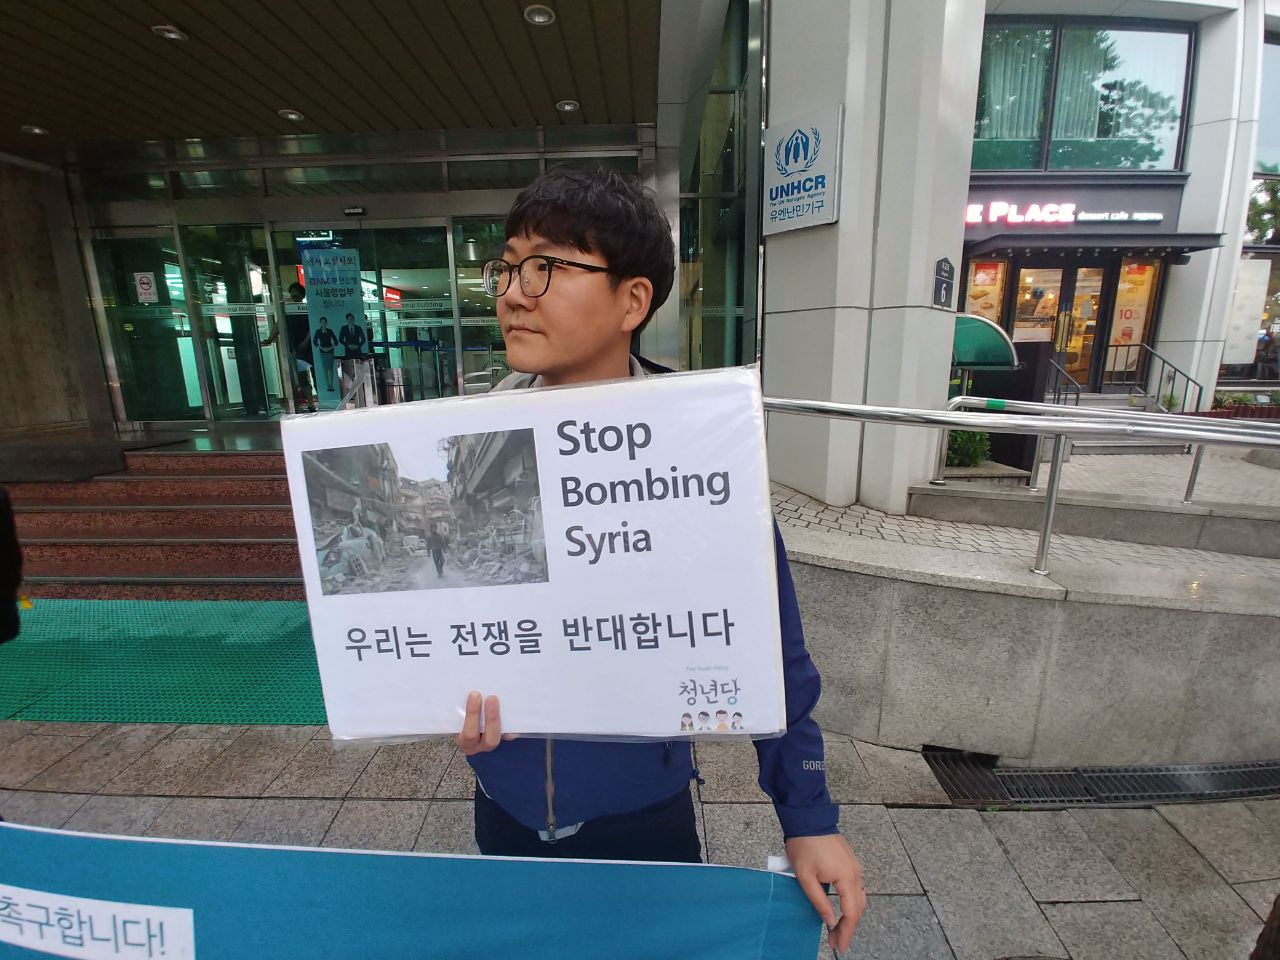 기자회견에 참석중인 권오민 청년 전쟁을 반대하는 피켓을 들고 기자회견 중